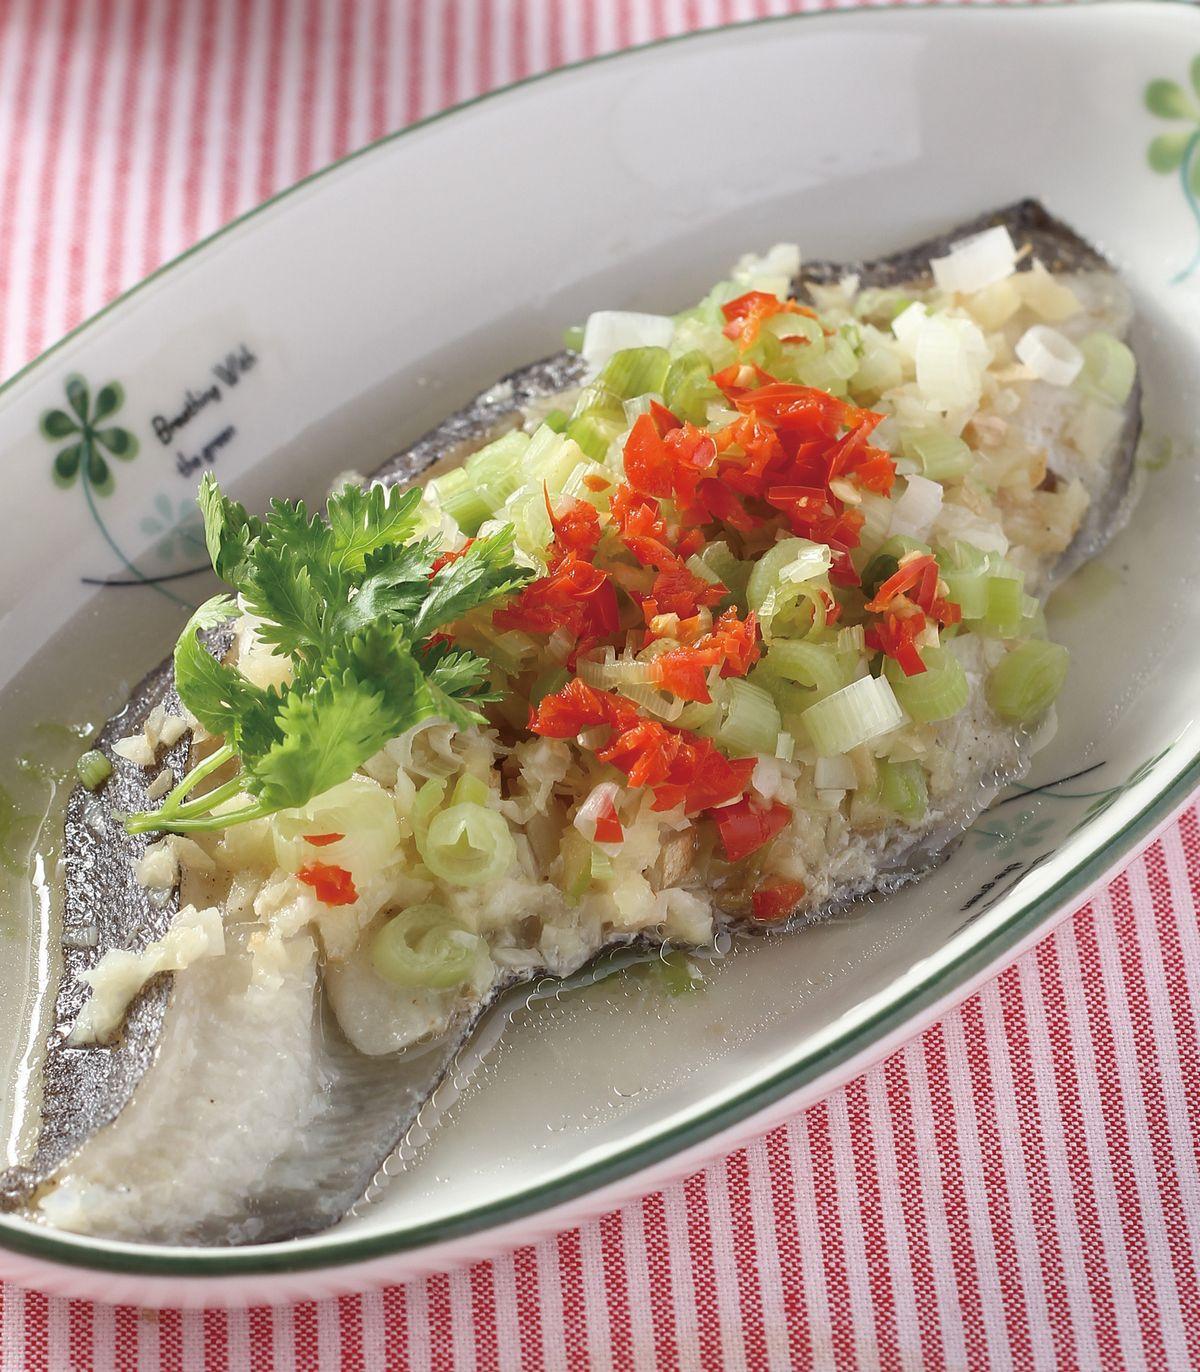 食譜:蒜味蒸鱈魚